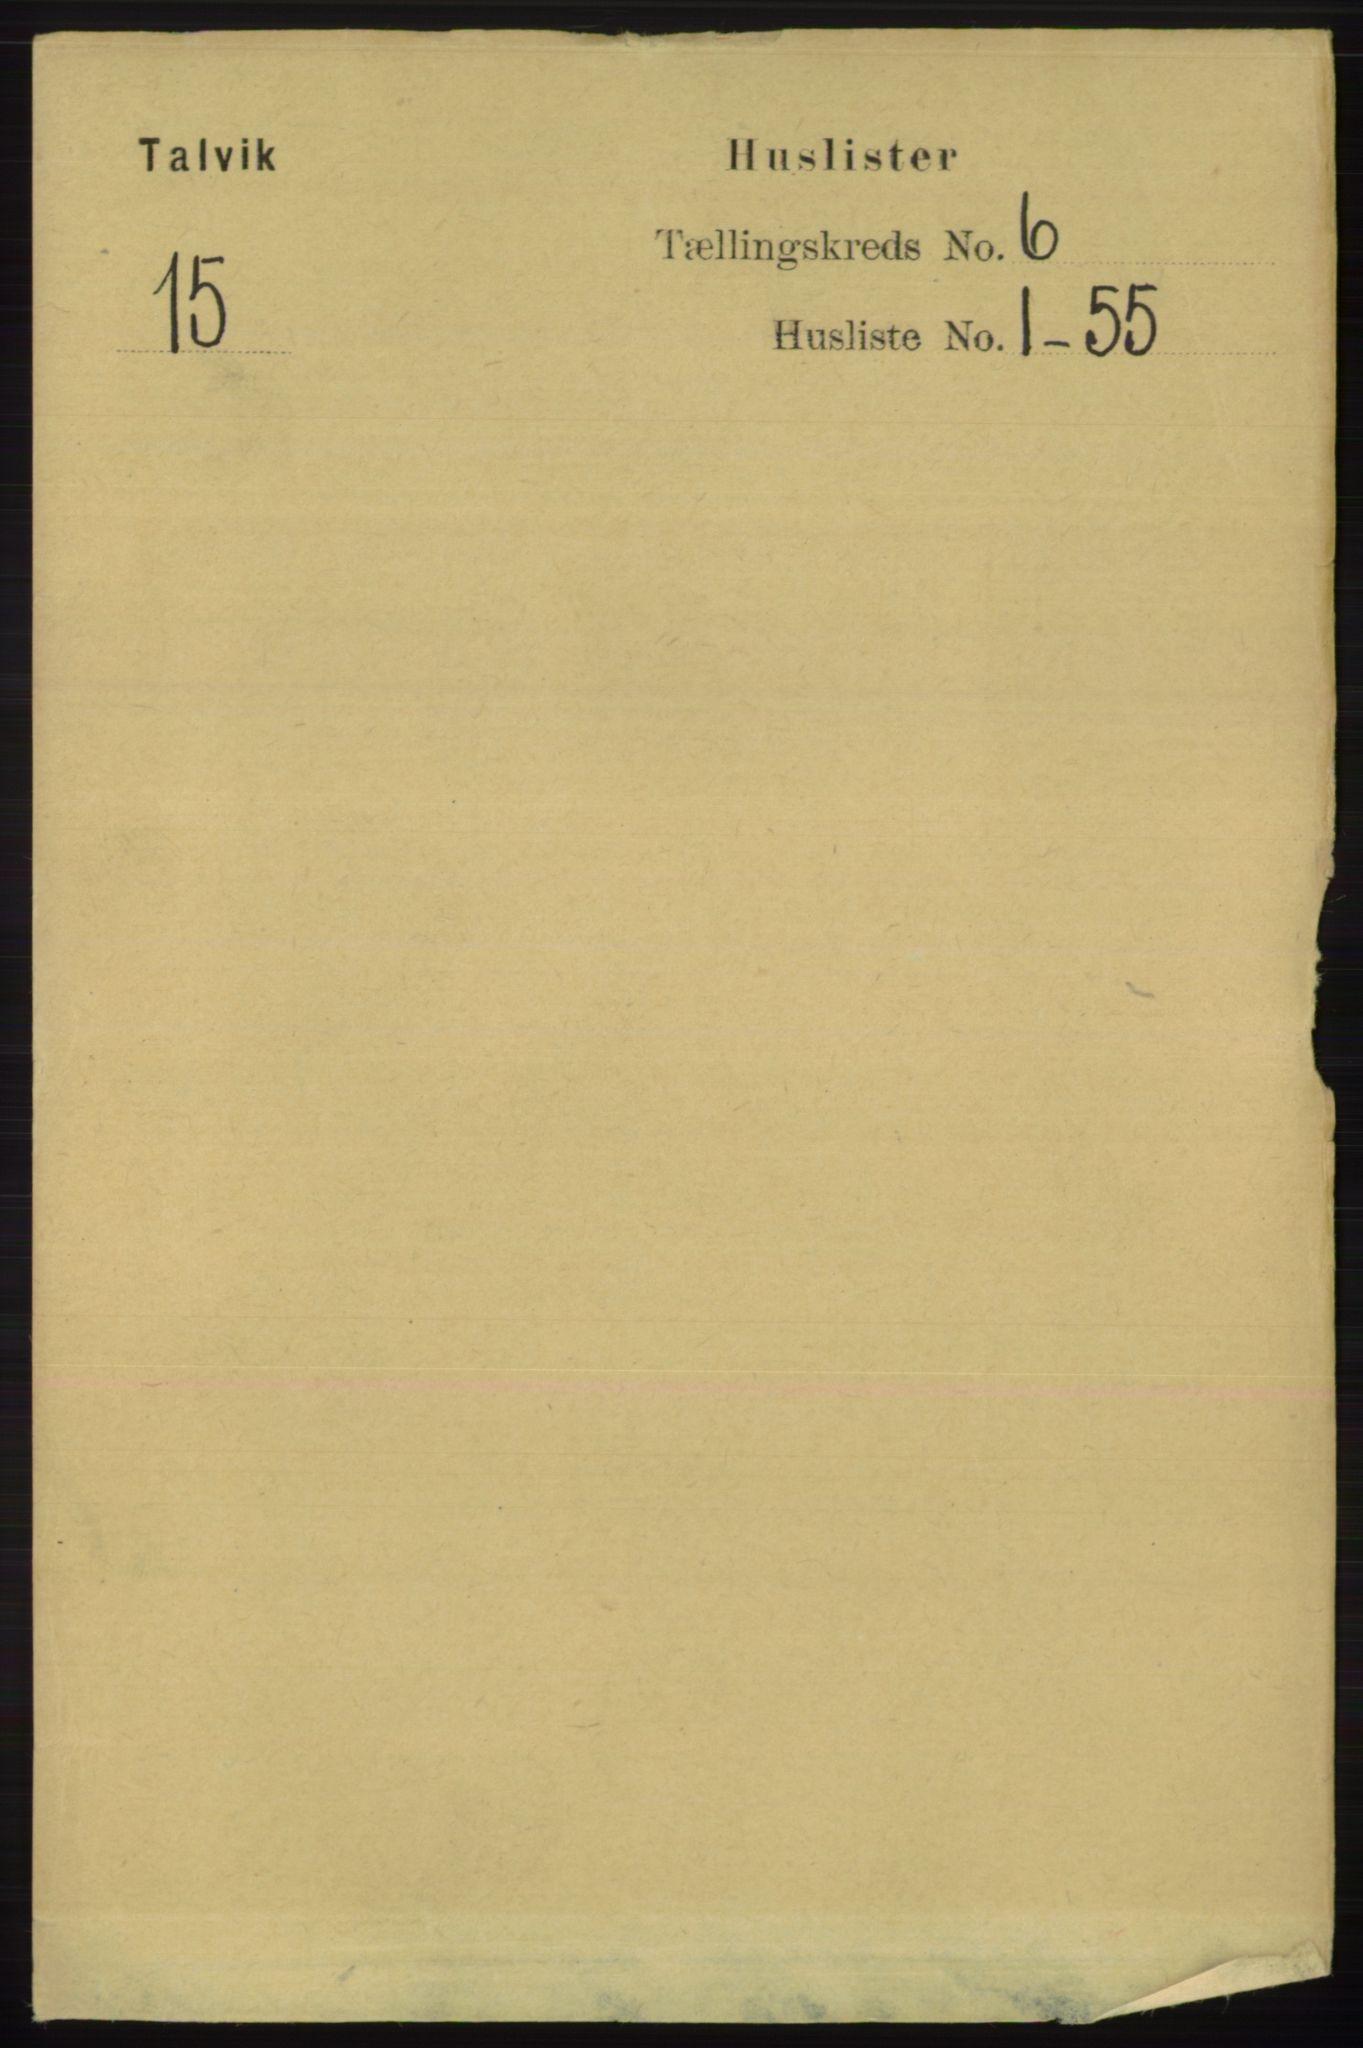 RA, Folketelling 1891 for 2013 Talvik herred, 1891, s. 1523